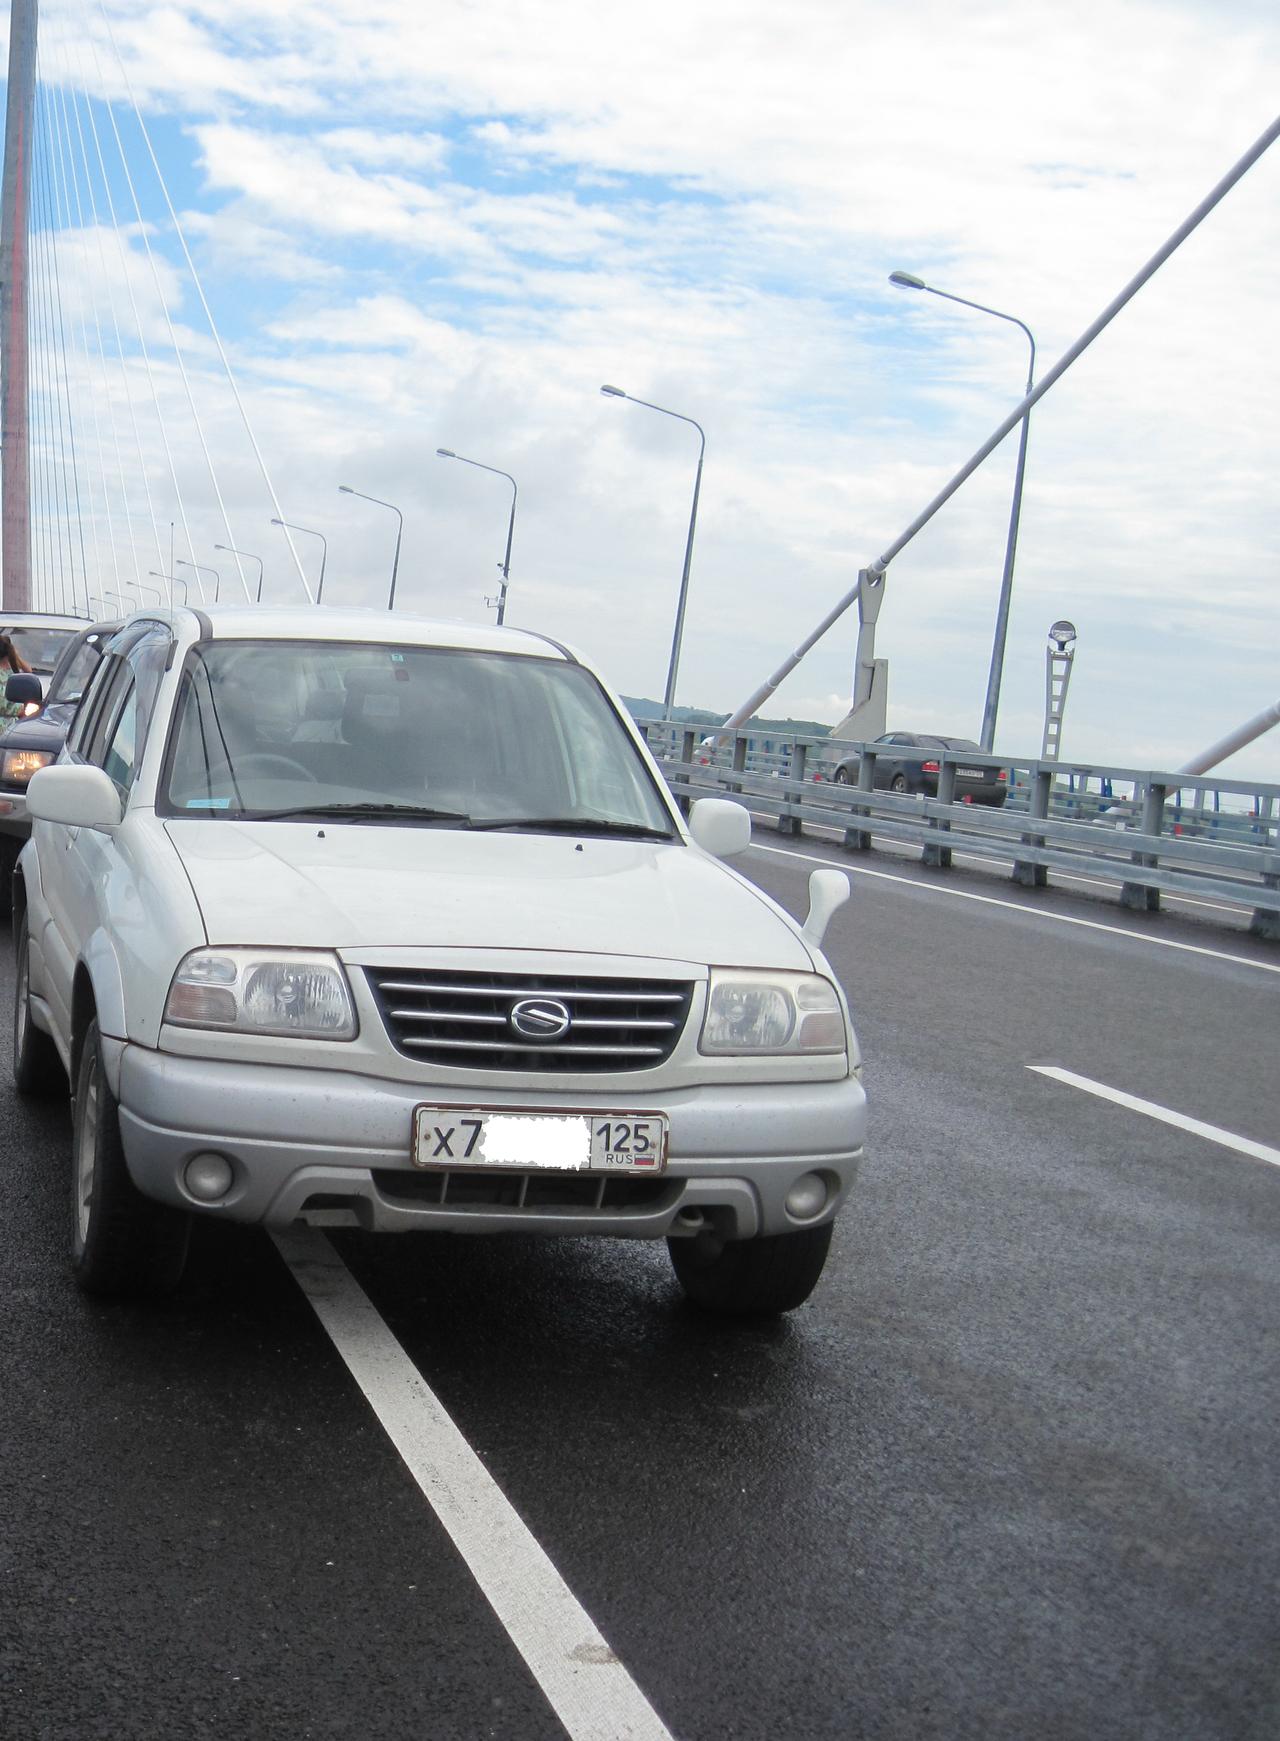 на мосту на о. Русский (первые дни после открытия), 08.2012